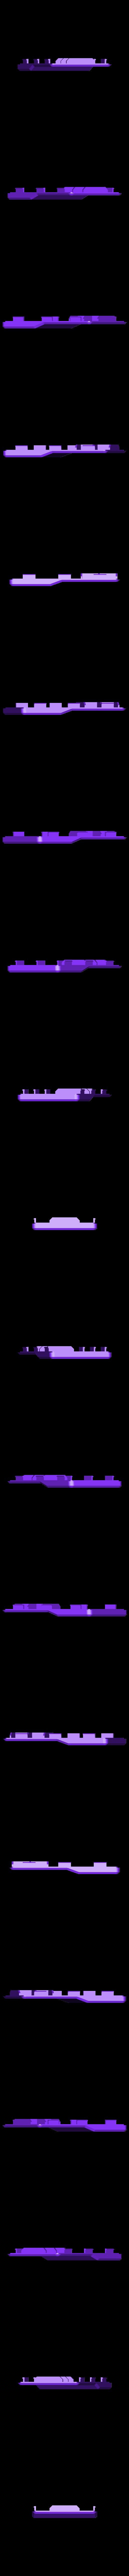 PO-12_REAR.STL Télécharger fichier STL gratuit Teenage Engineering PO-12 étui avec clés • Objet imprimable en 3D, Palemar